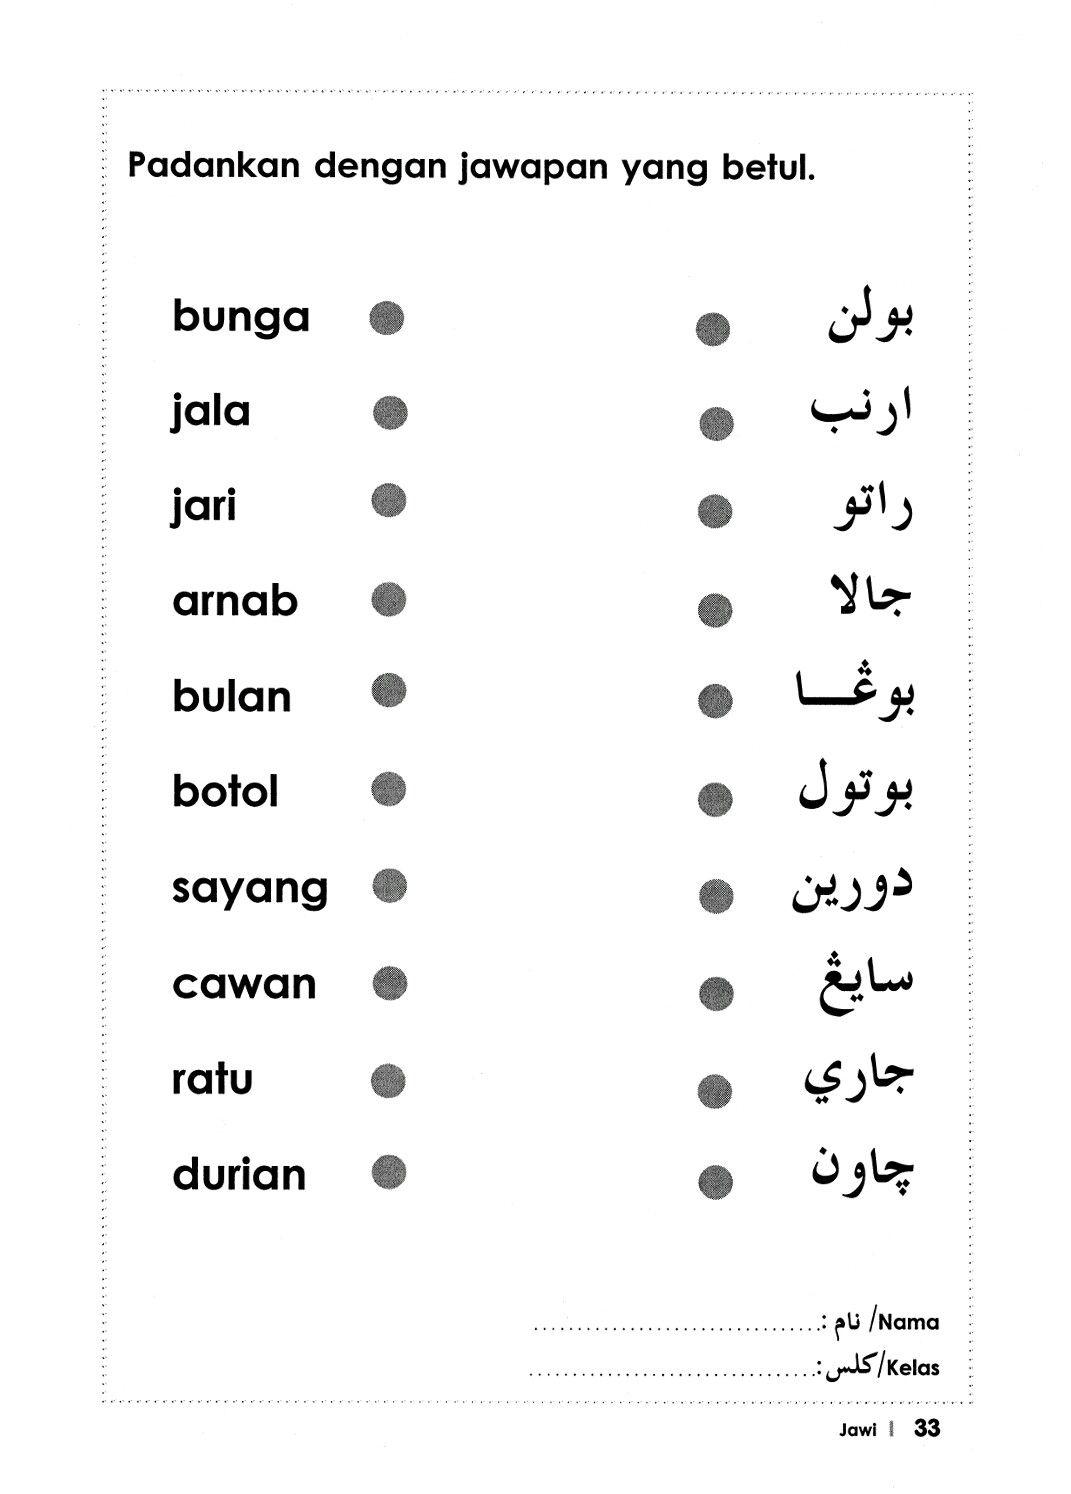 Image Result For Latihan Bahasa Jawi Tahun 2